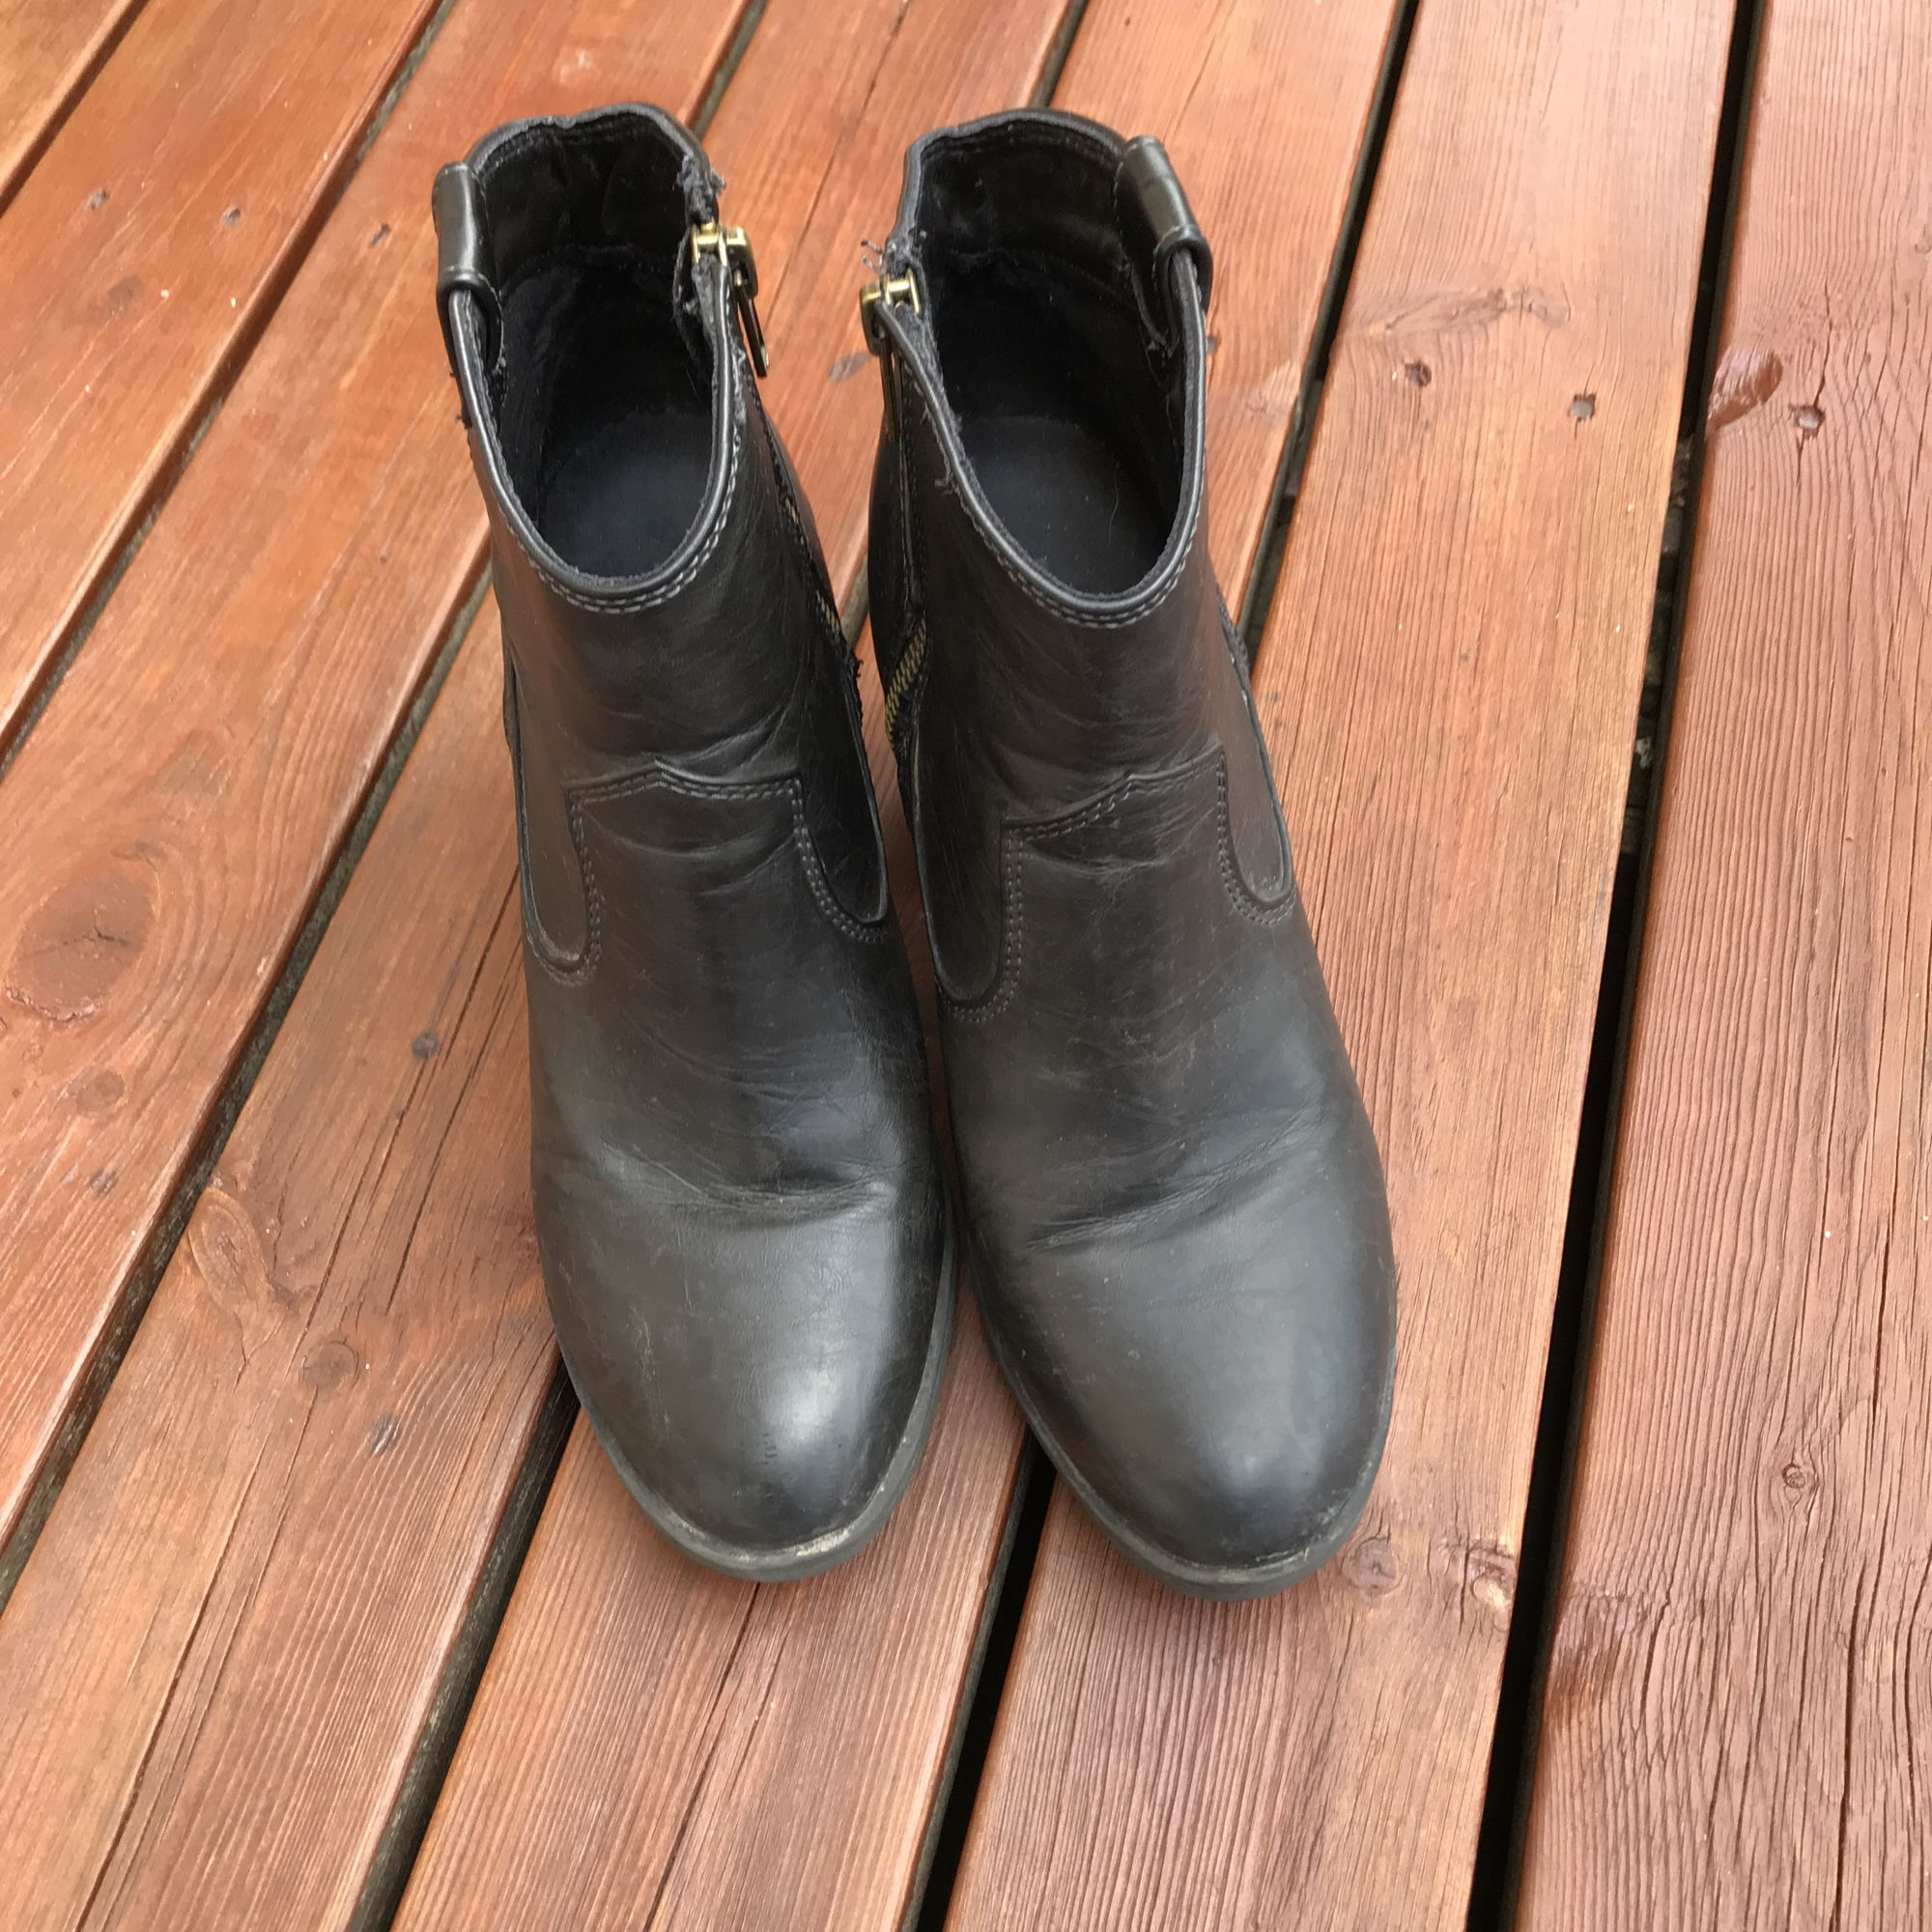 Boots i grå-svart 🌚 jättesköna på! Fejkmaterial som står sig mot smuts och våta, använda en säsong. (Smutsiga på bilderna, gör självklart rent de innan försäljning) . Skor.